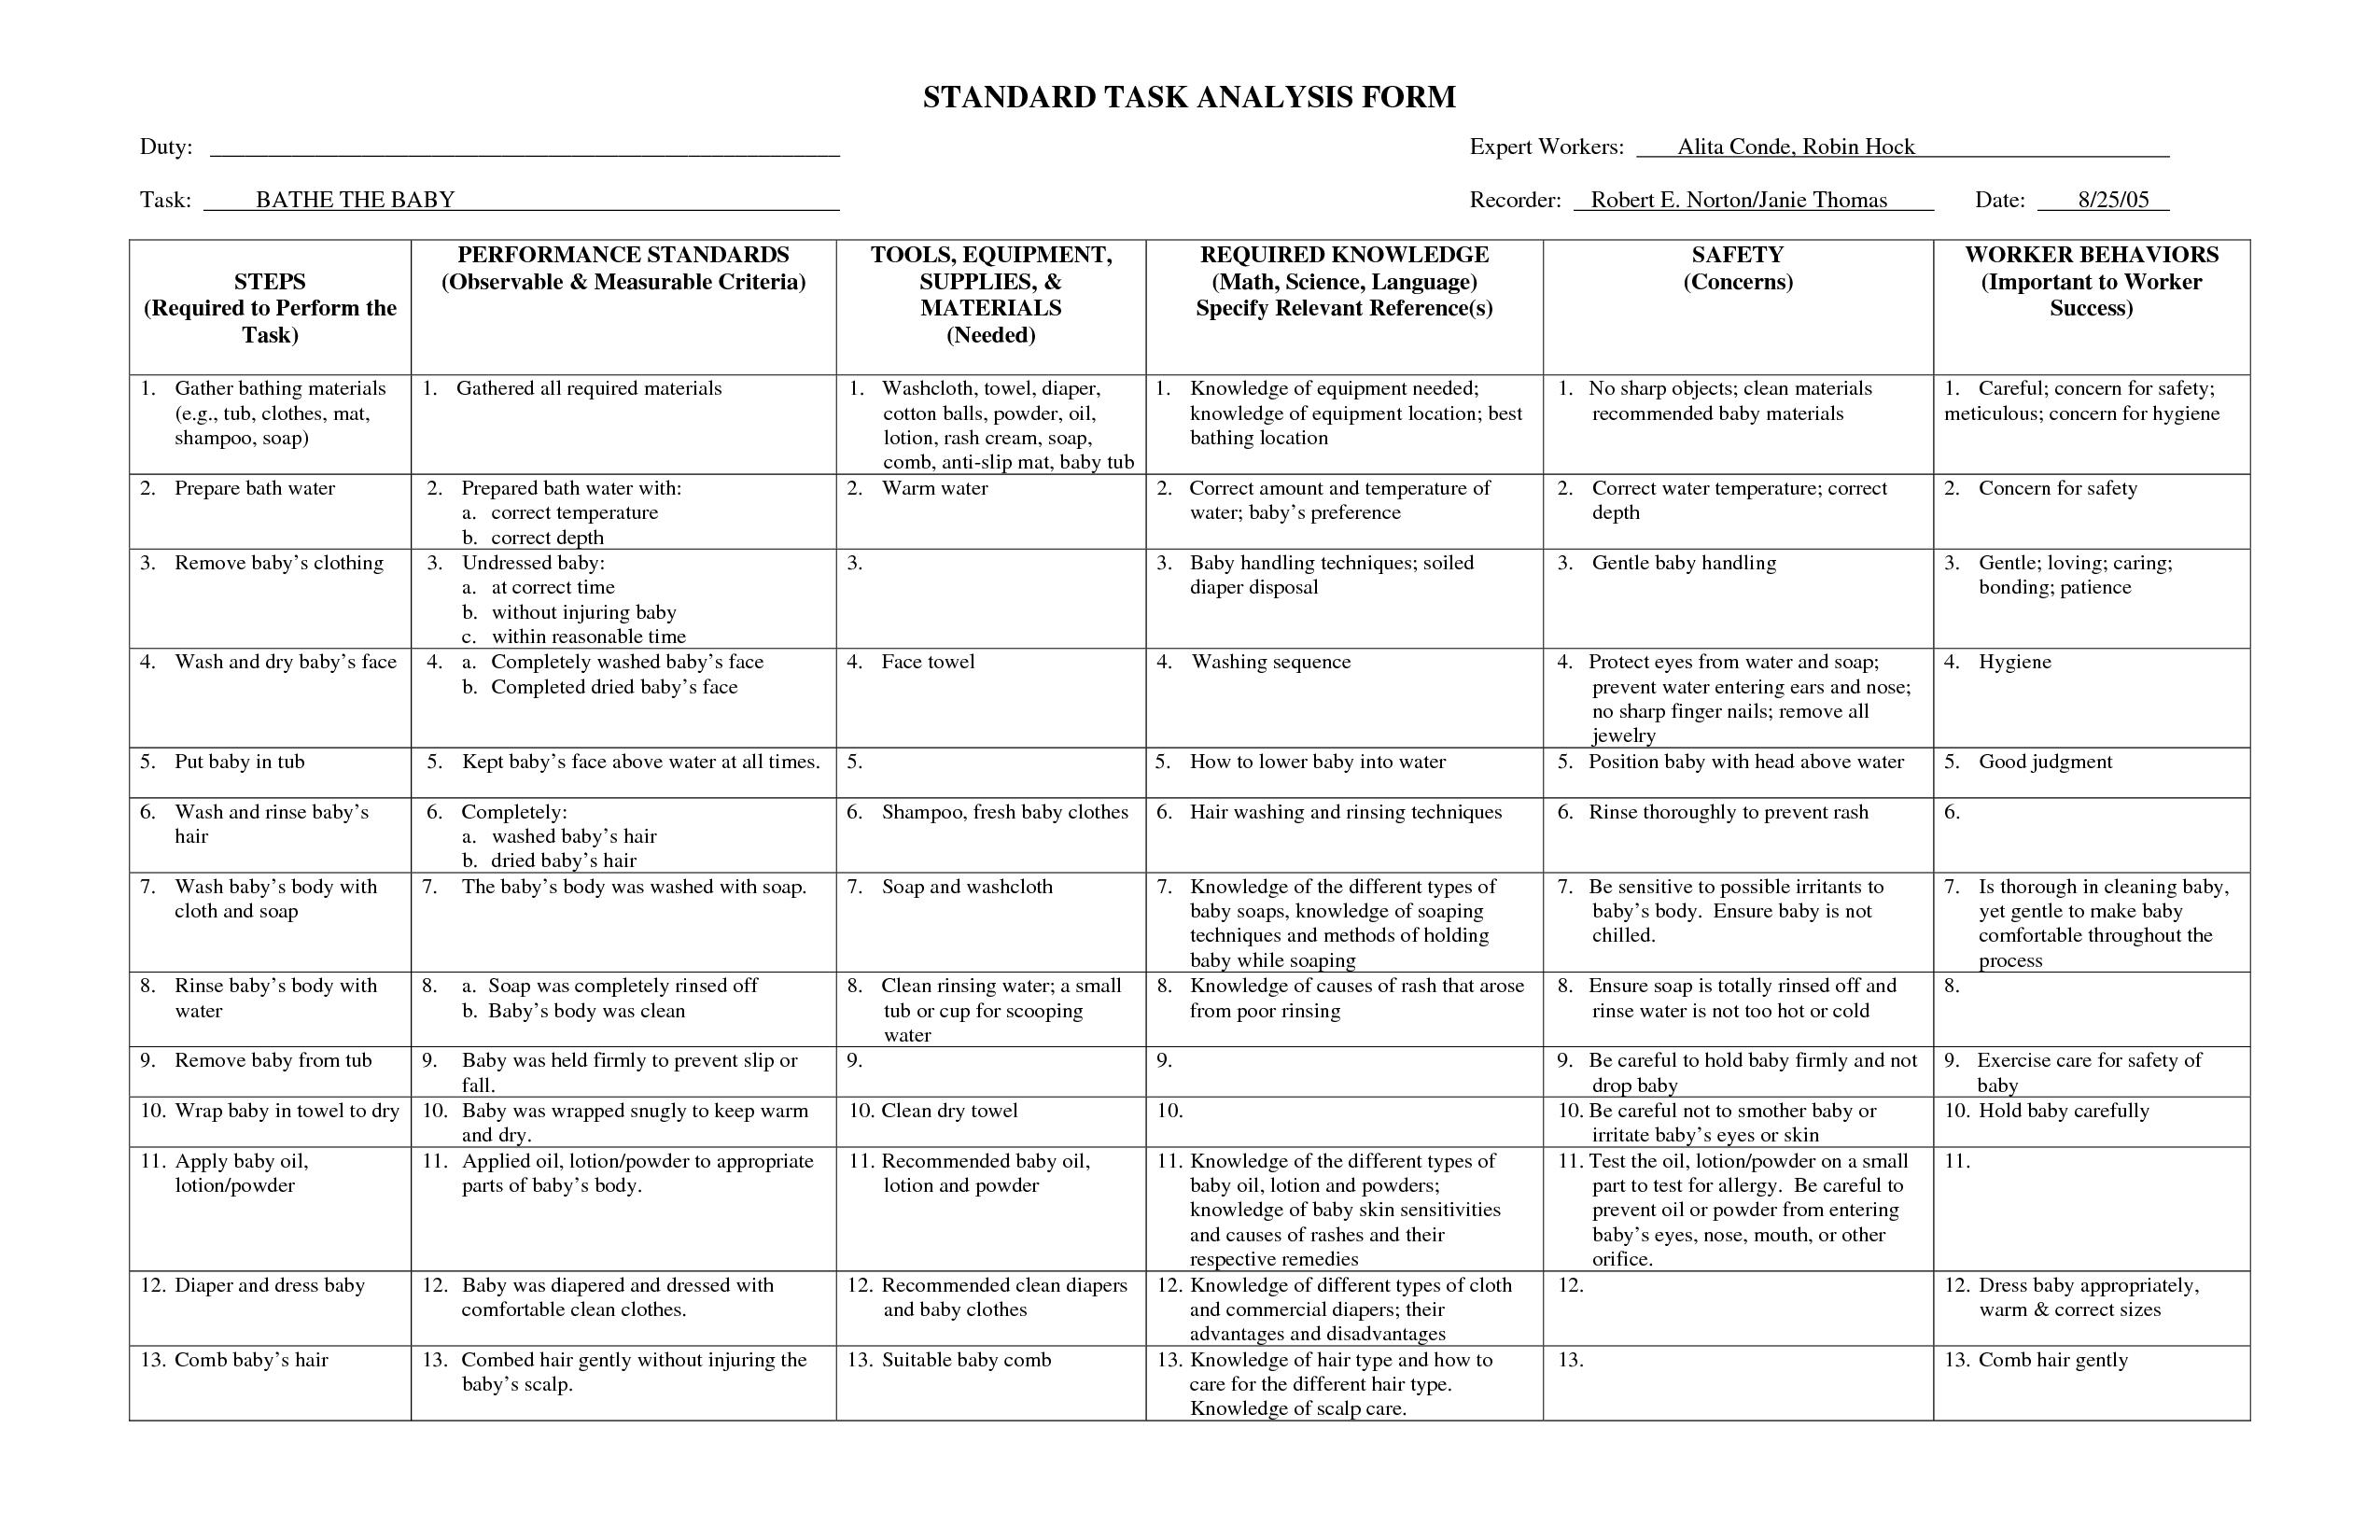 Standard Taskysis Form